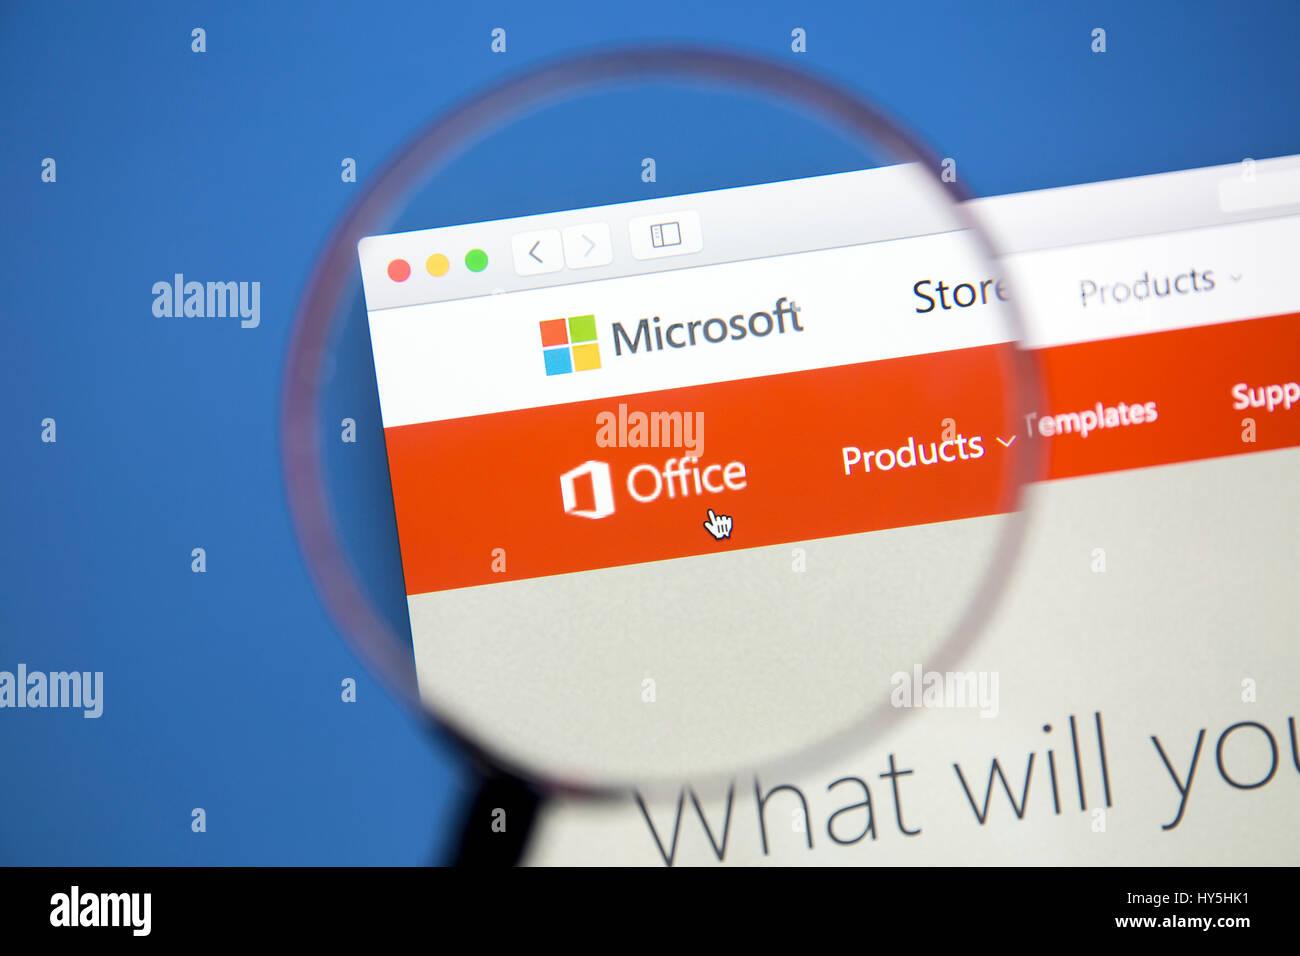 Sitio Web de Office en una pantalla de ordenador. Microsoft Office es un conjunto de aplicaciones de office desarrollada Imagen De Stock